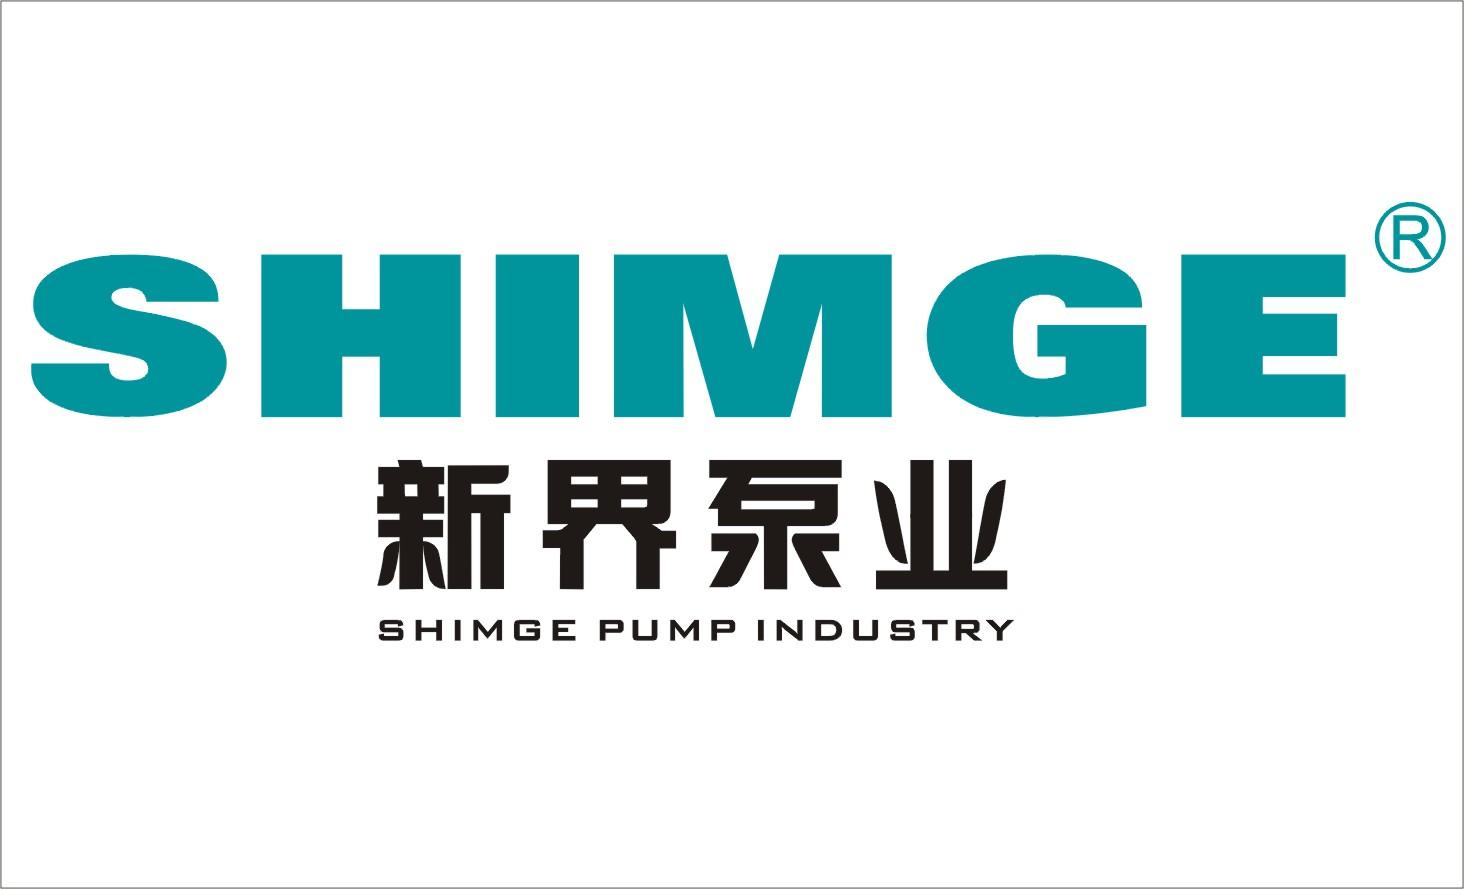 新界泵业集团股份有限公司最新招聘信息